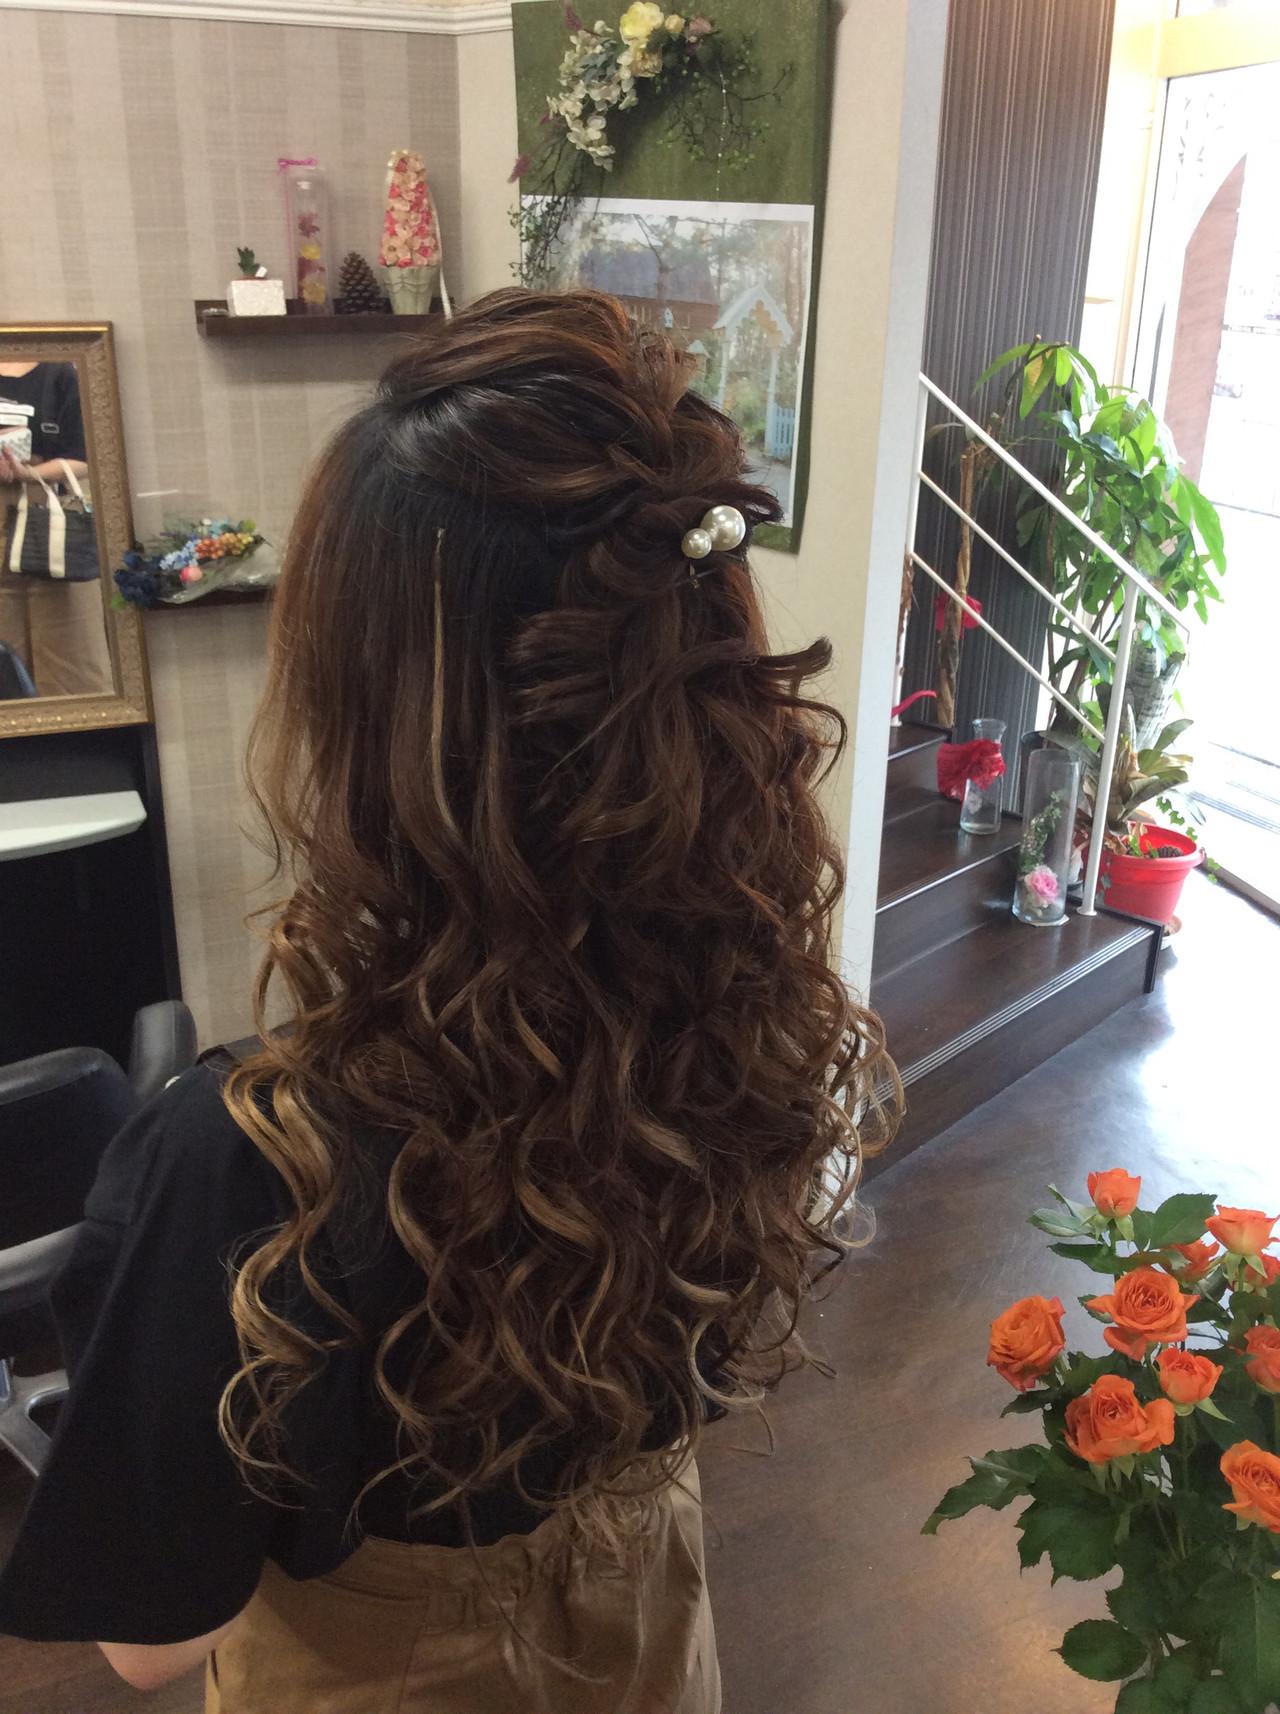 ロング 結婚式 簡単ヘアアレンジ ナチュラル ヘアスタイルや髪型の写真・画像 | rumiLINKS美容室 / リンクス美容室